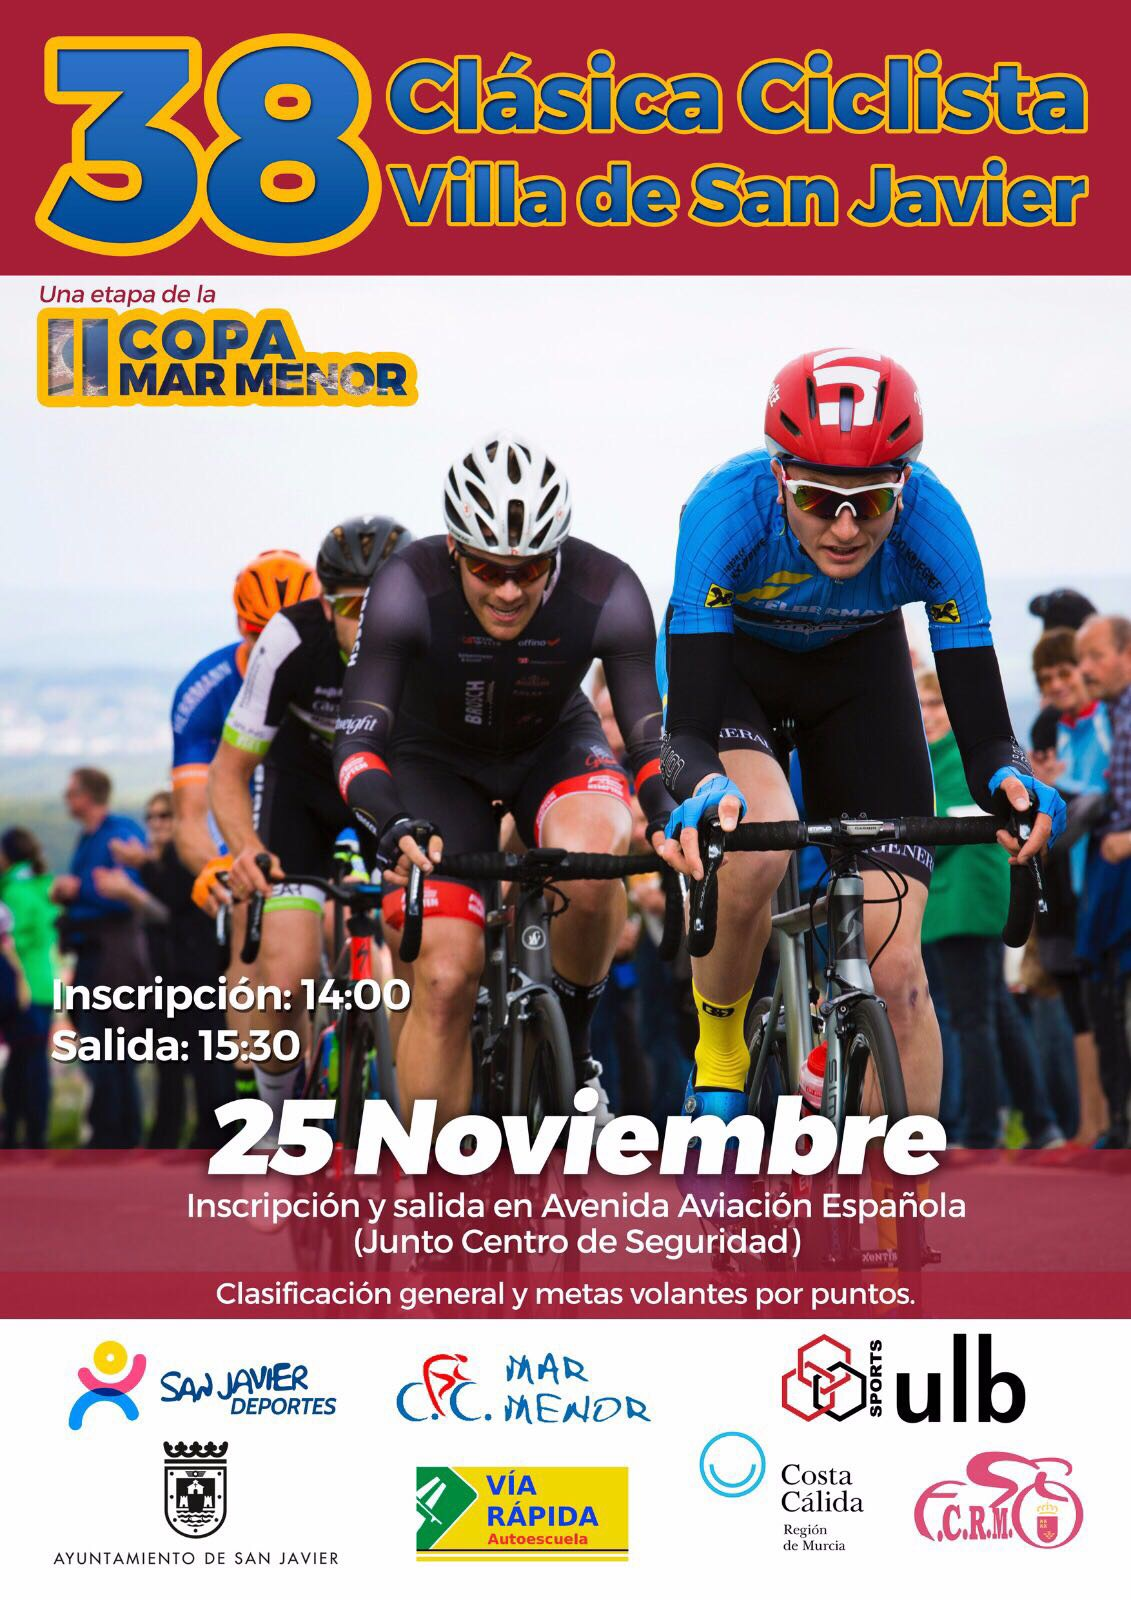 38 Clásica Ciclista Villa de San Javier